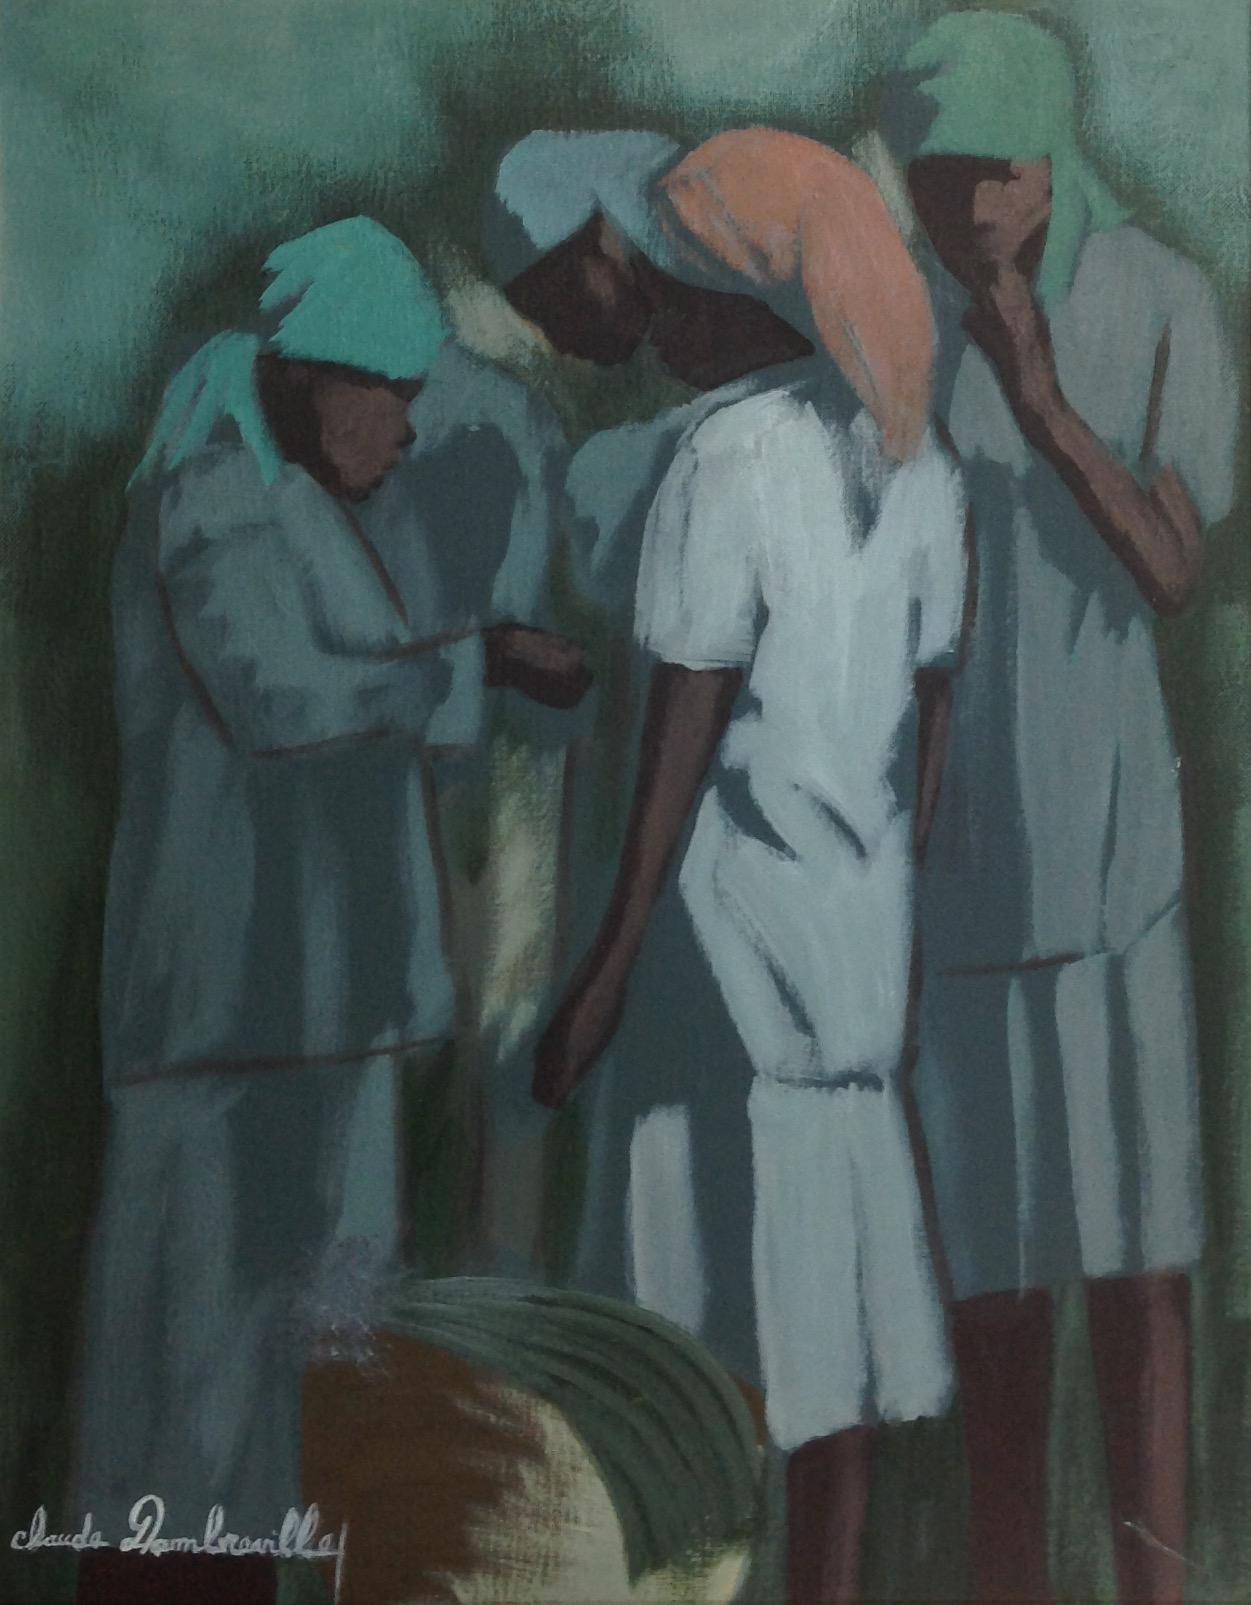 Dambreville Claude 16X20 #53-3-96 canvas 1997